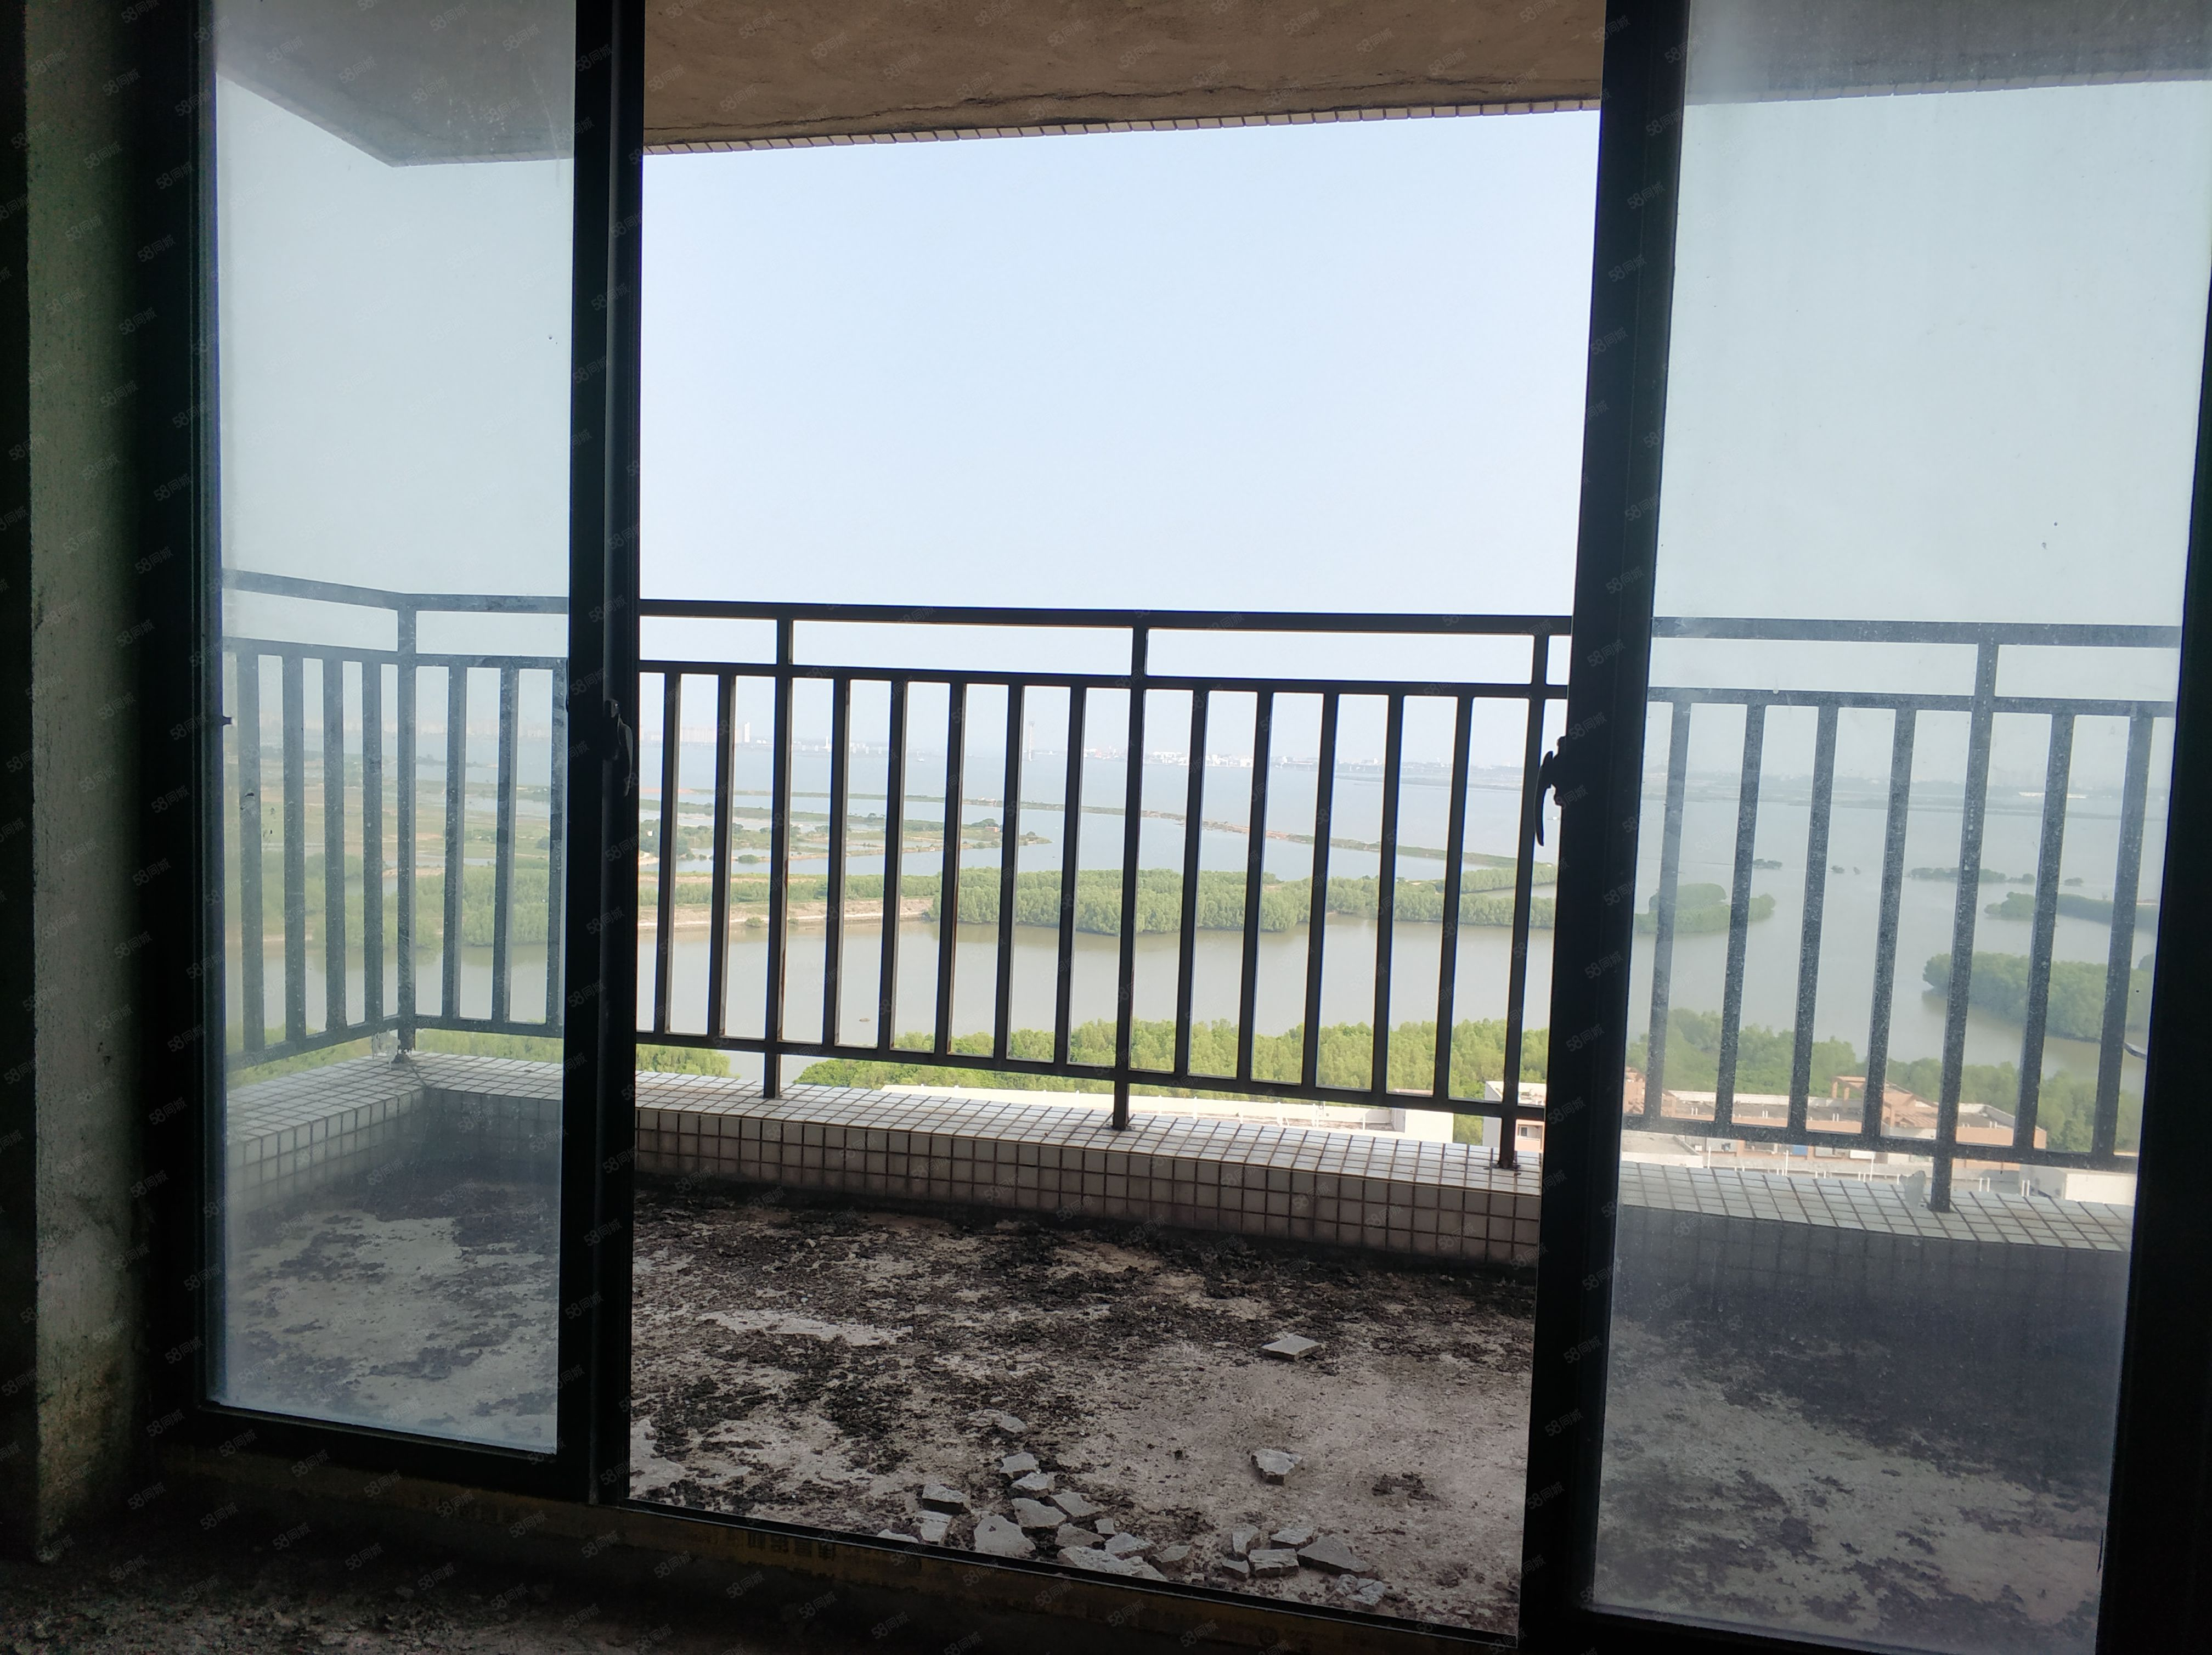 海景明珠3房2厅业主急售,360度一线海景,随时看房!